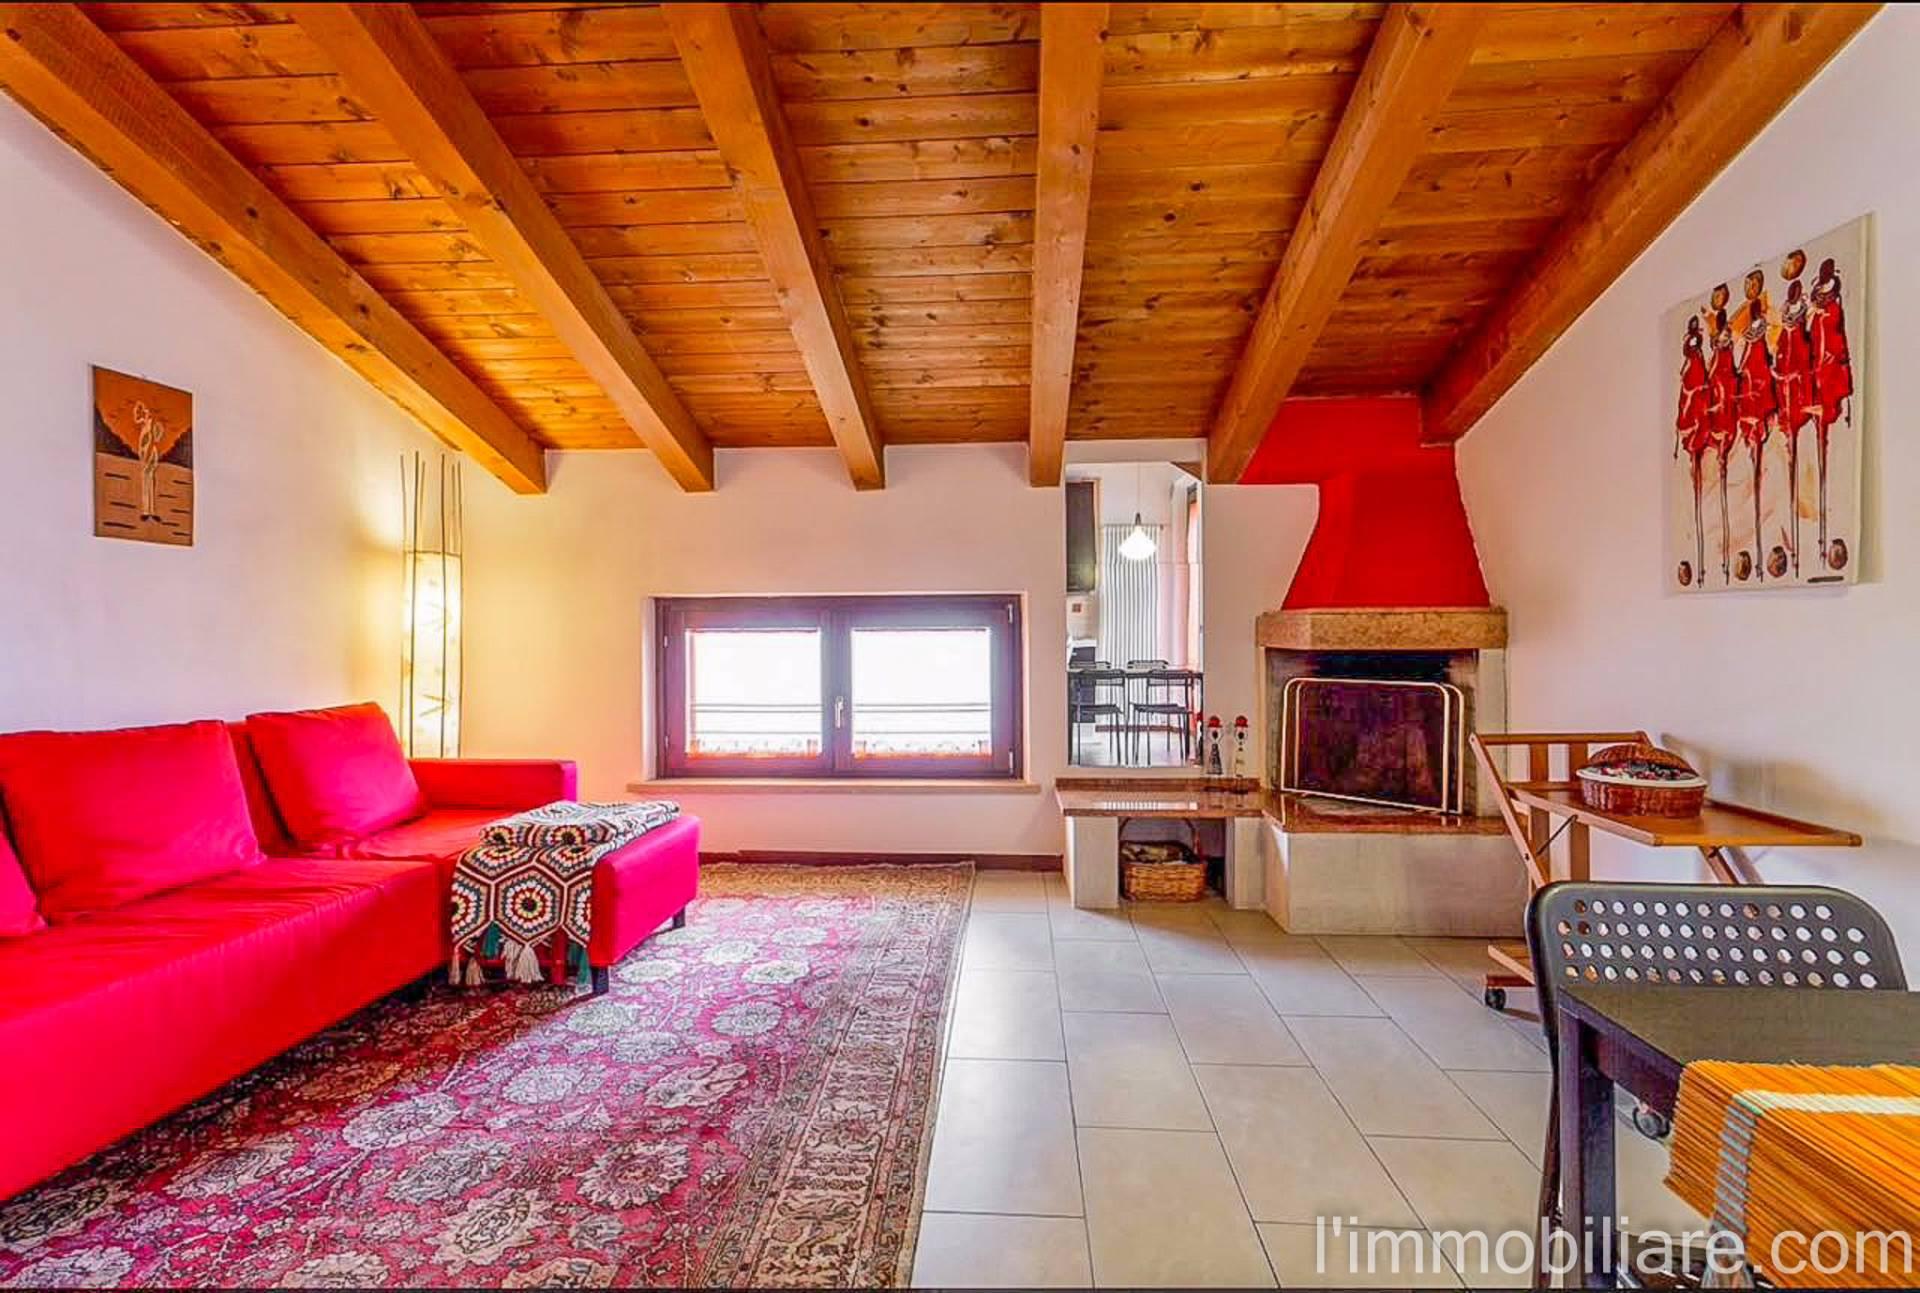 Appartamento in vendita a Verona, 2 locali, zona Zona: 11 . Santa Lucia - Golosine, prezzo € 135.000 | Cambio Casa.it